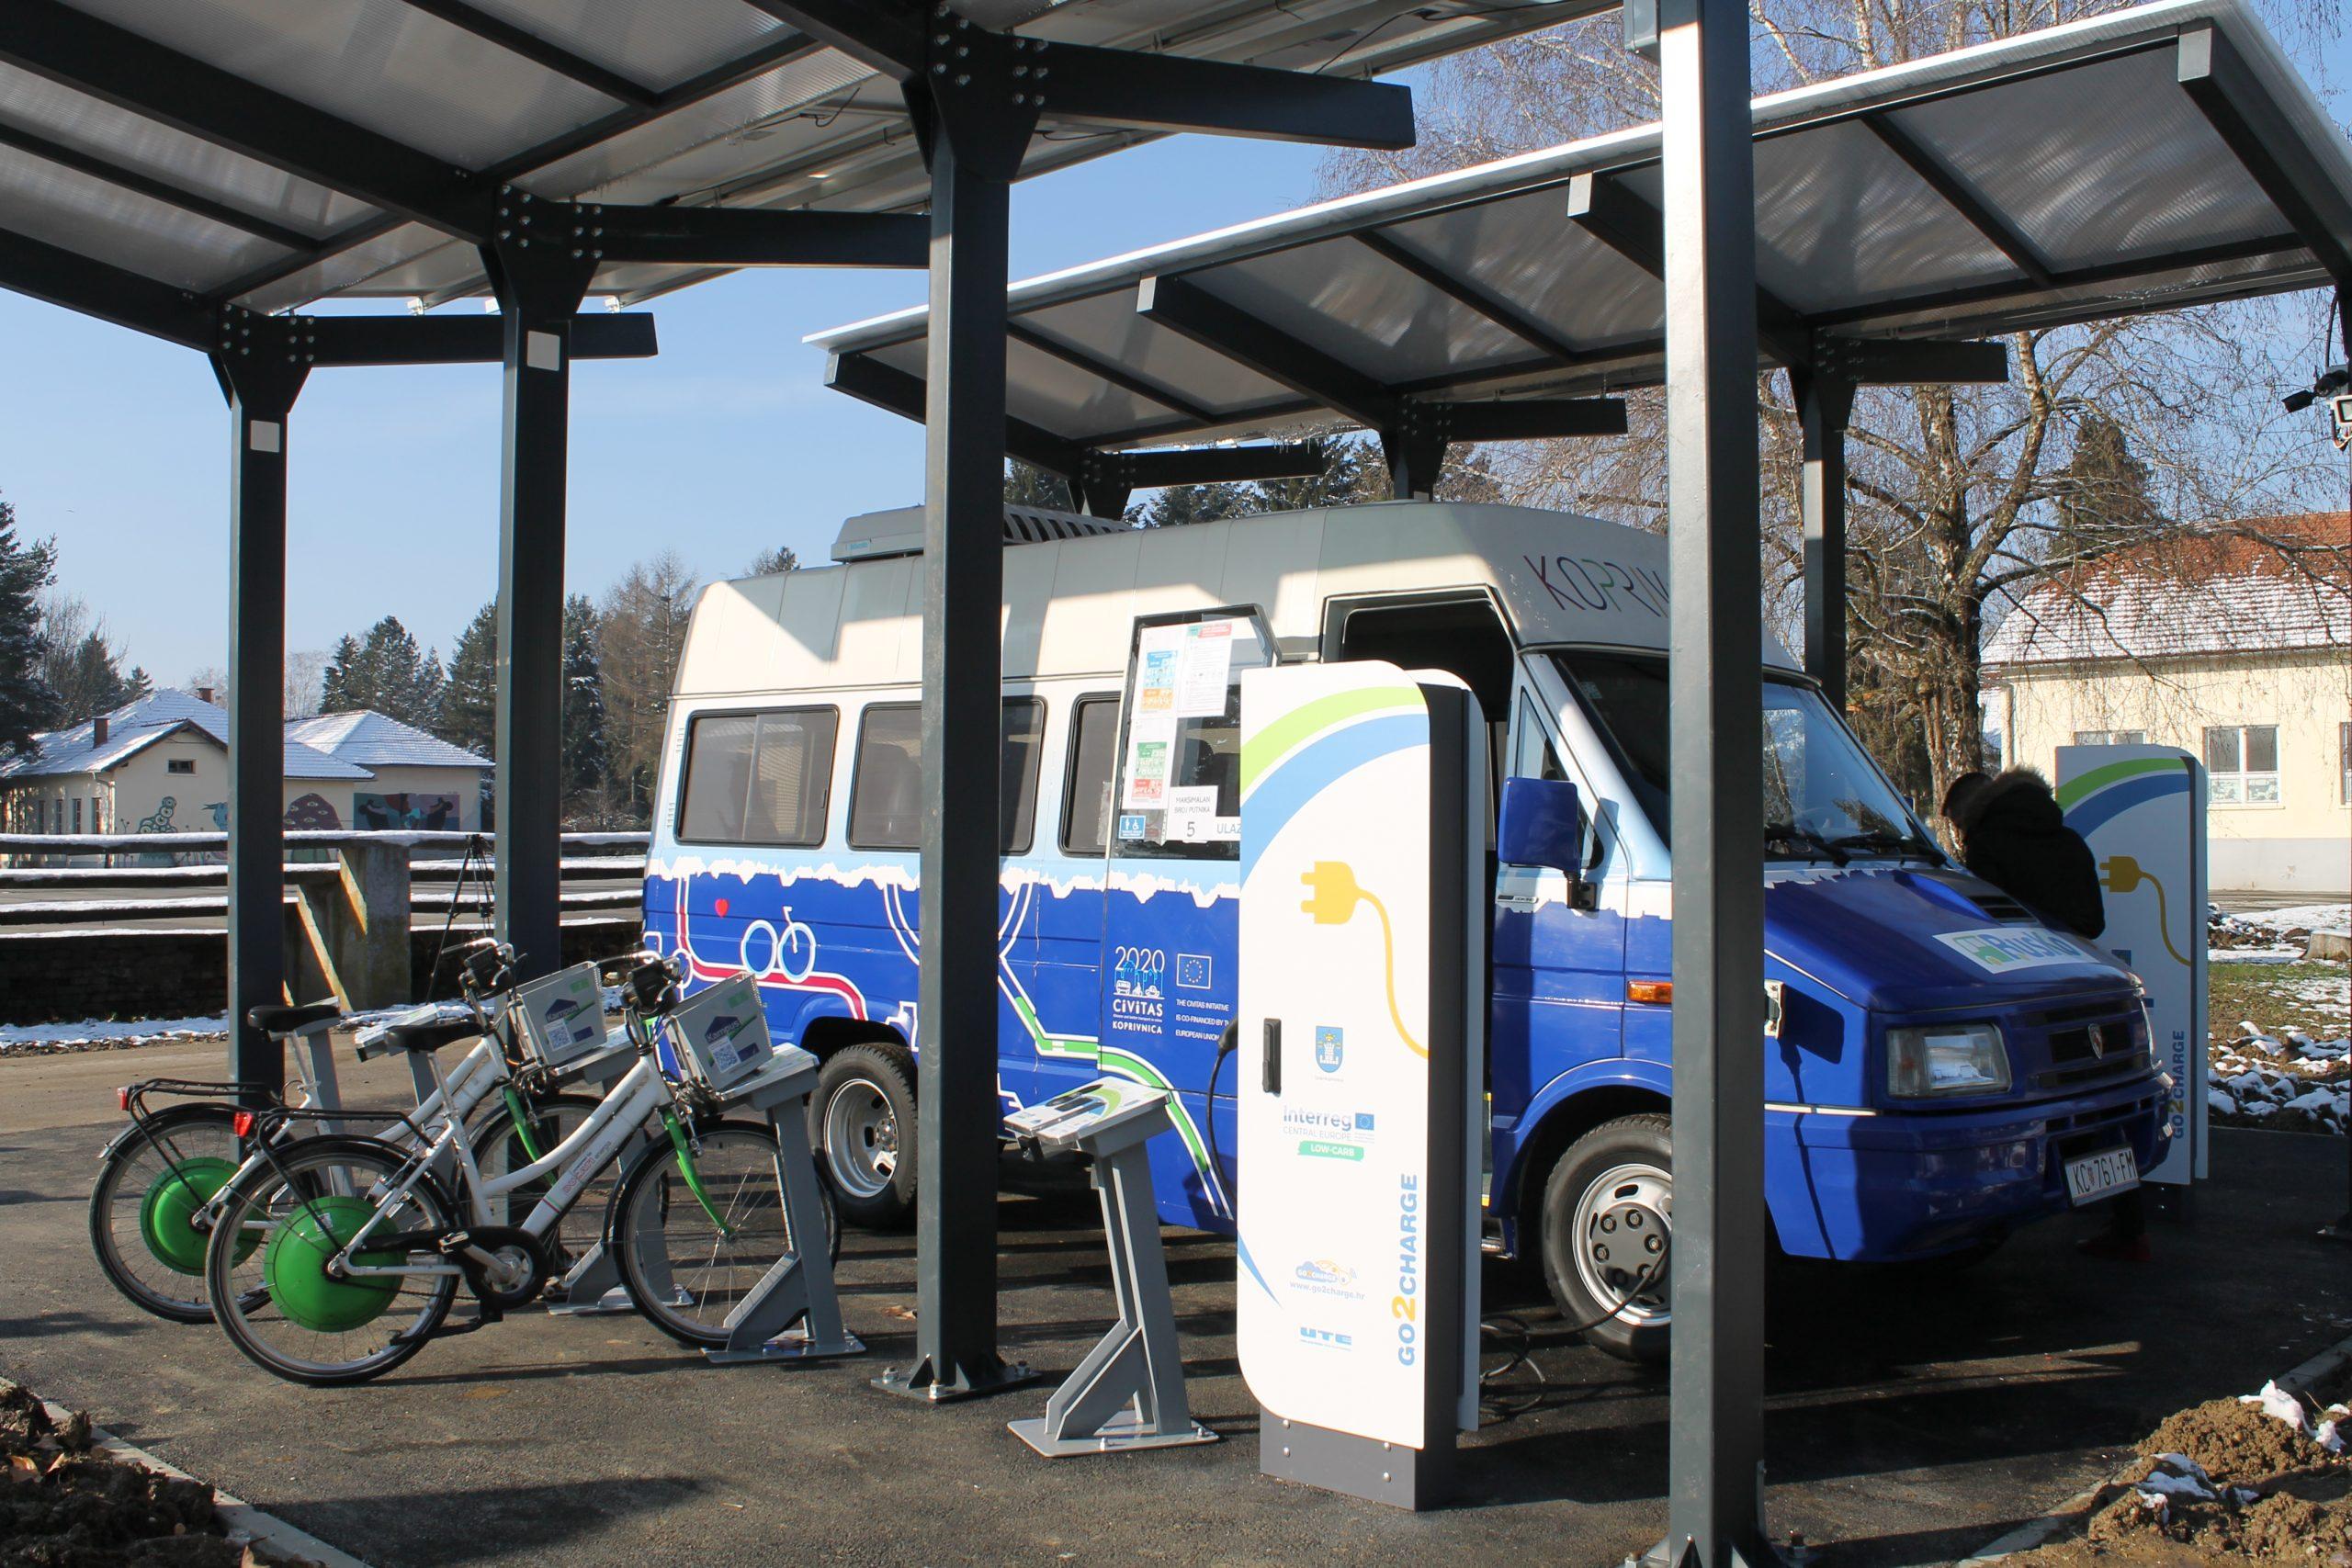 Predstavljena nova punionica za električna vozila u sklopu projekta Grada Koprivnice Low Carb u kampusu